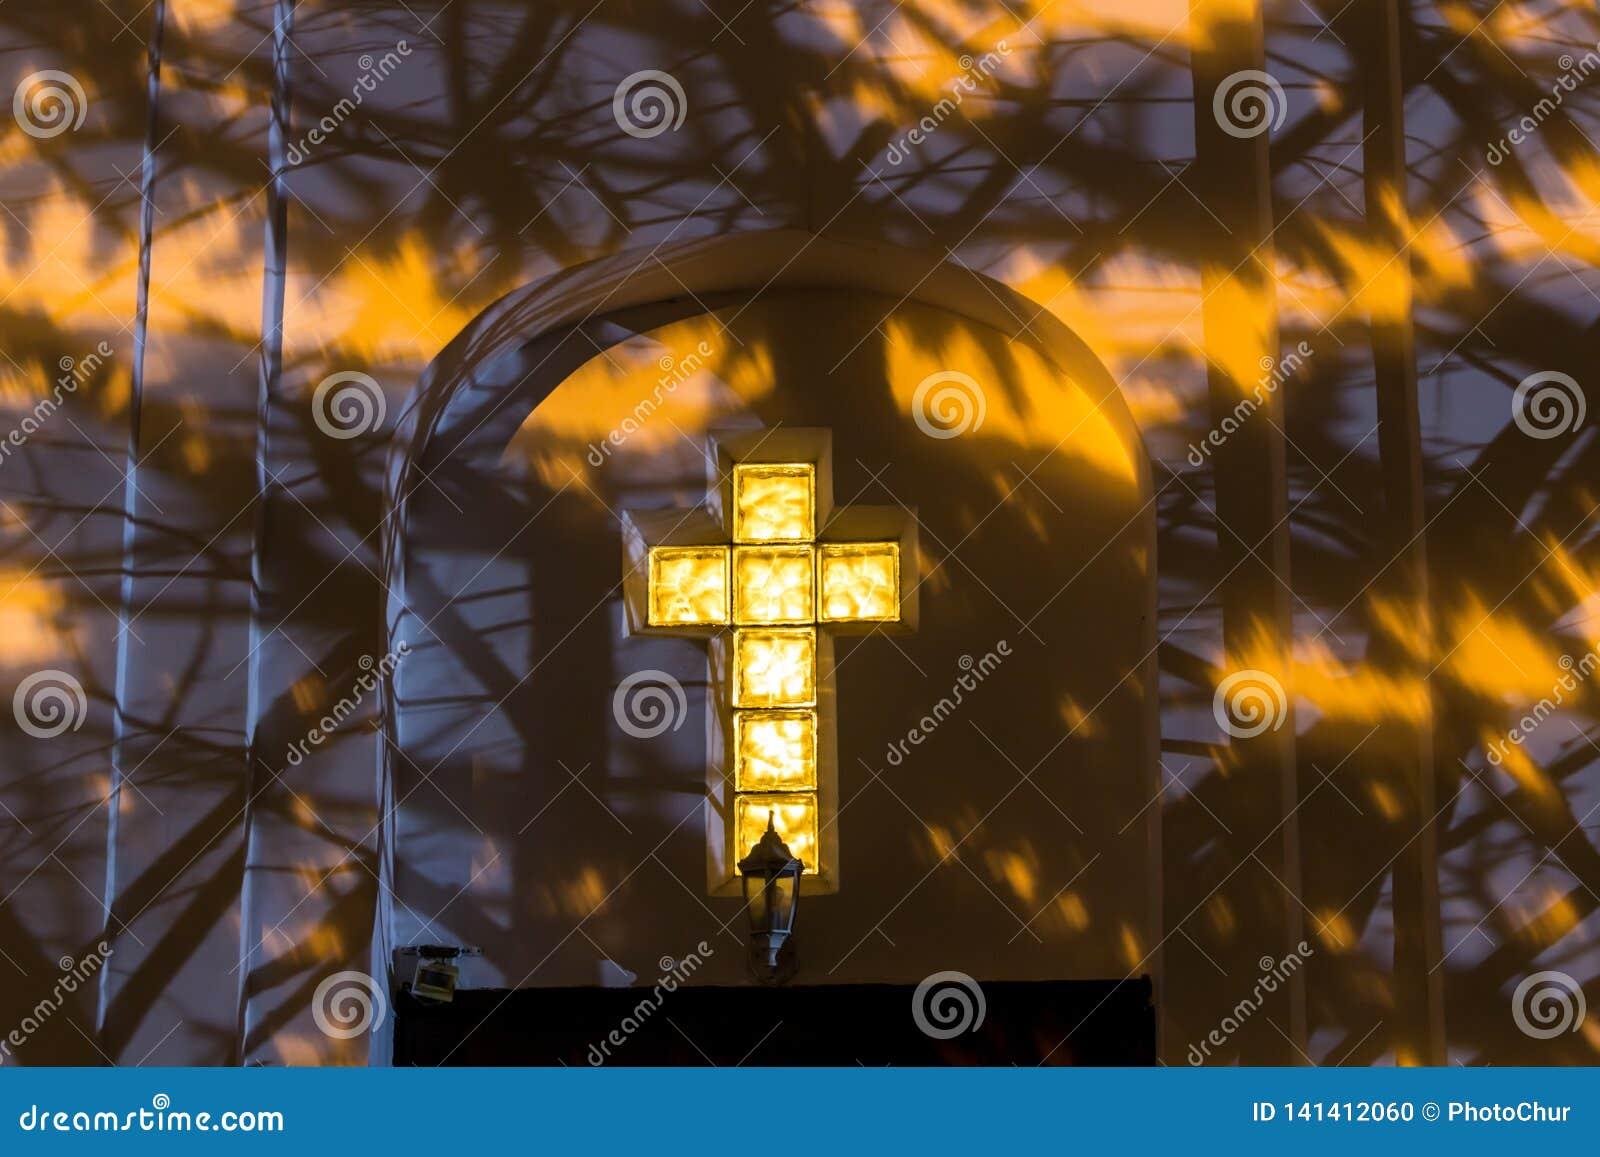 Χριστιανικός σταυρός στην πρόσοψη της εκκλησίας τη νύχτα